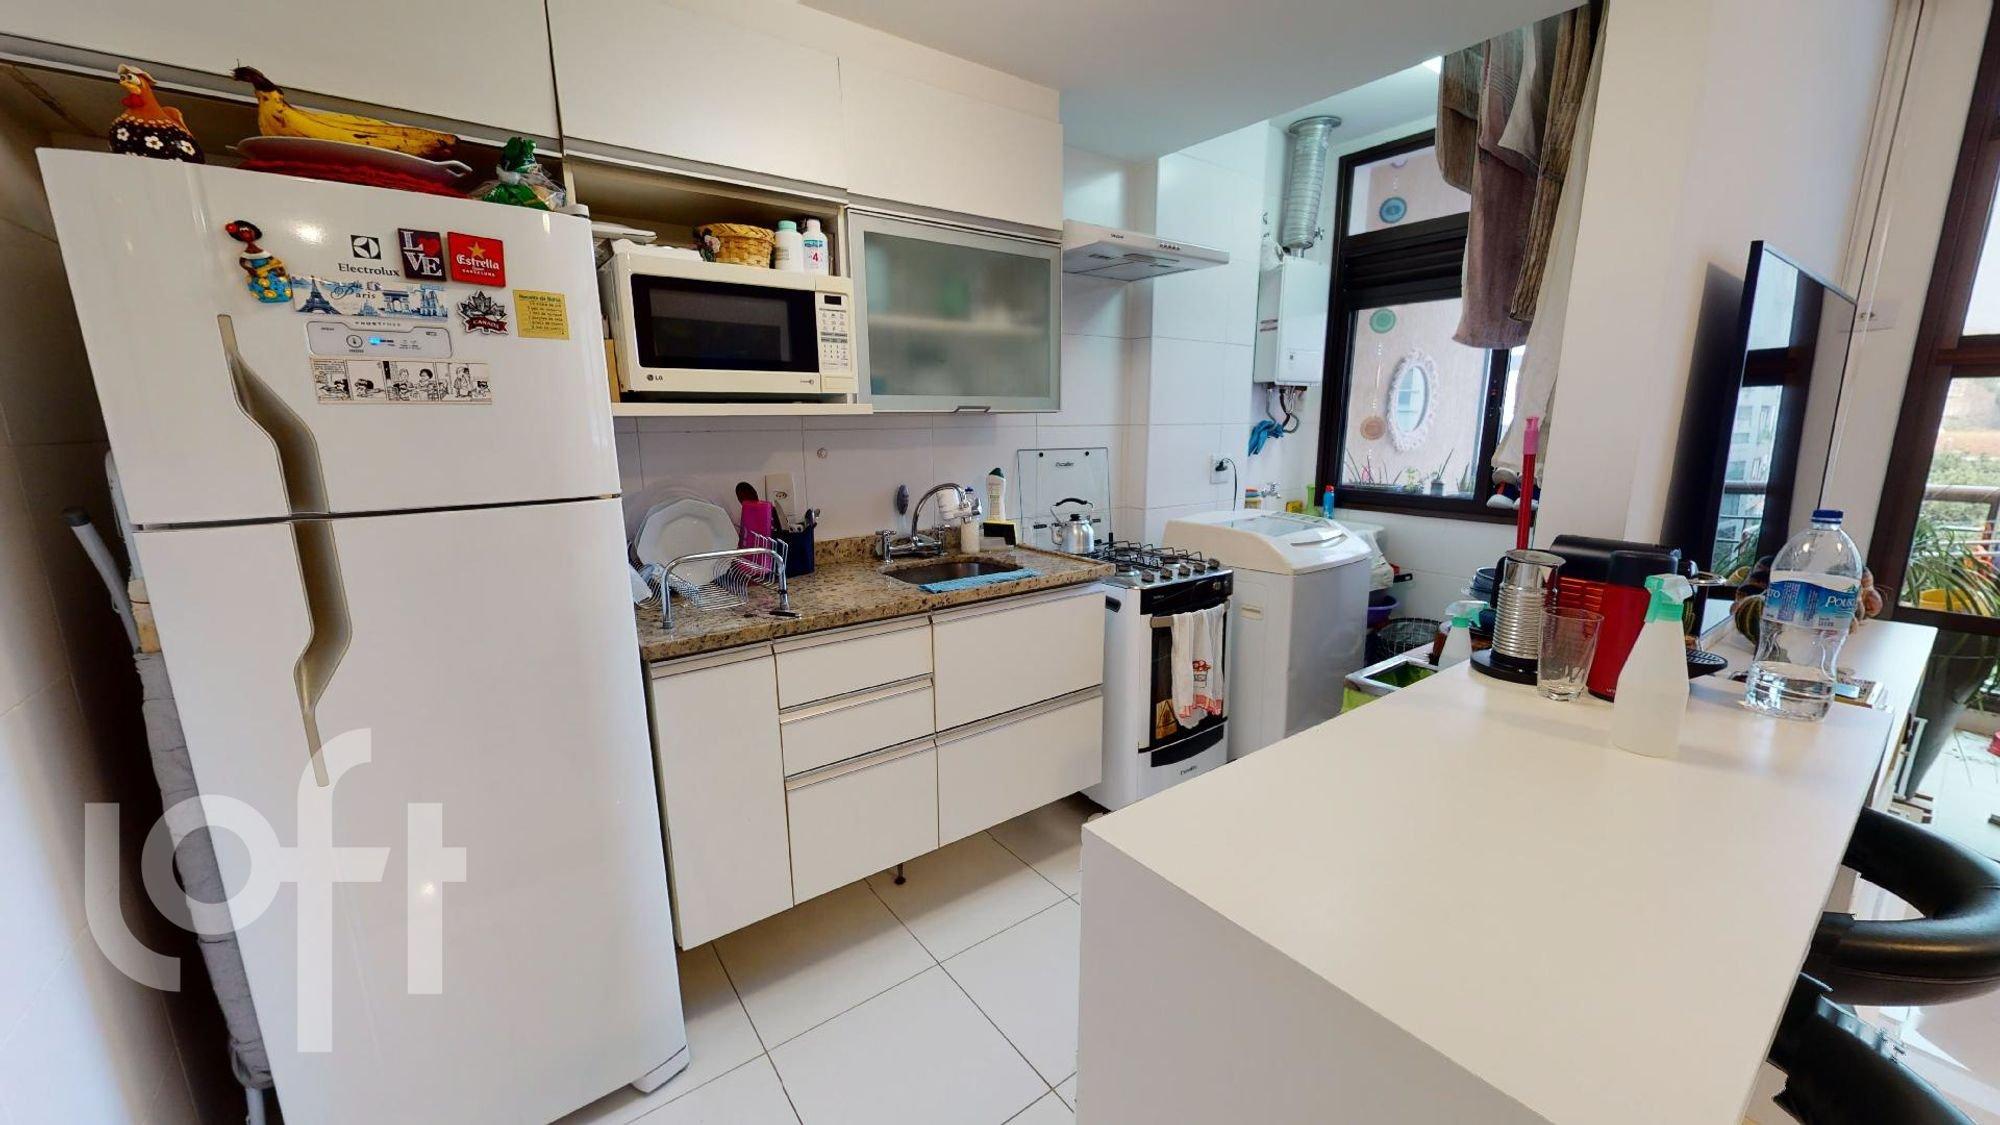 Foto de Cozinha com garrafa, forno, geladeira, pia, microondas, mesa de jantar